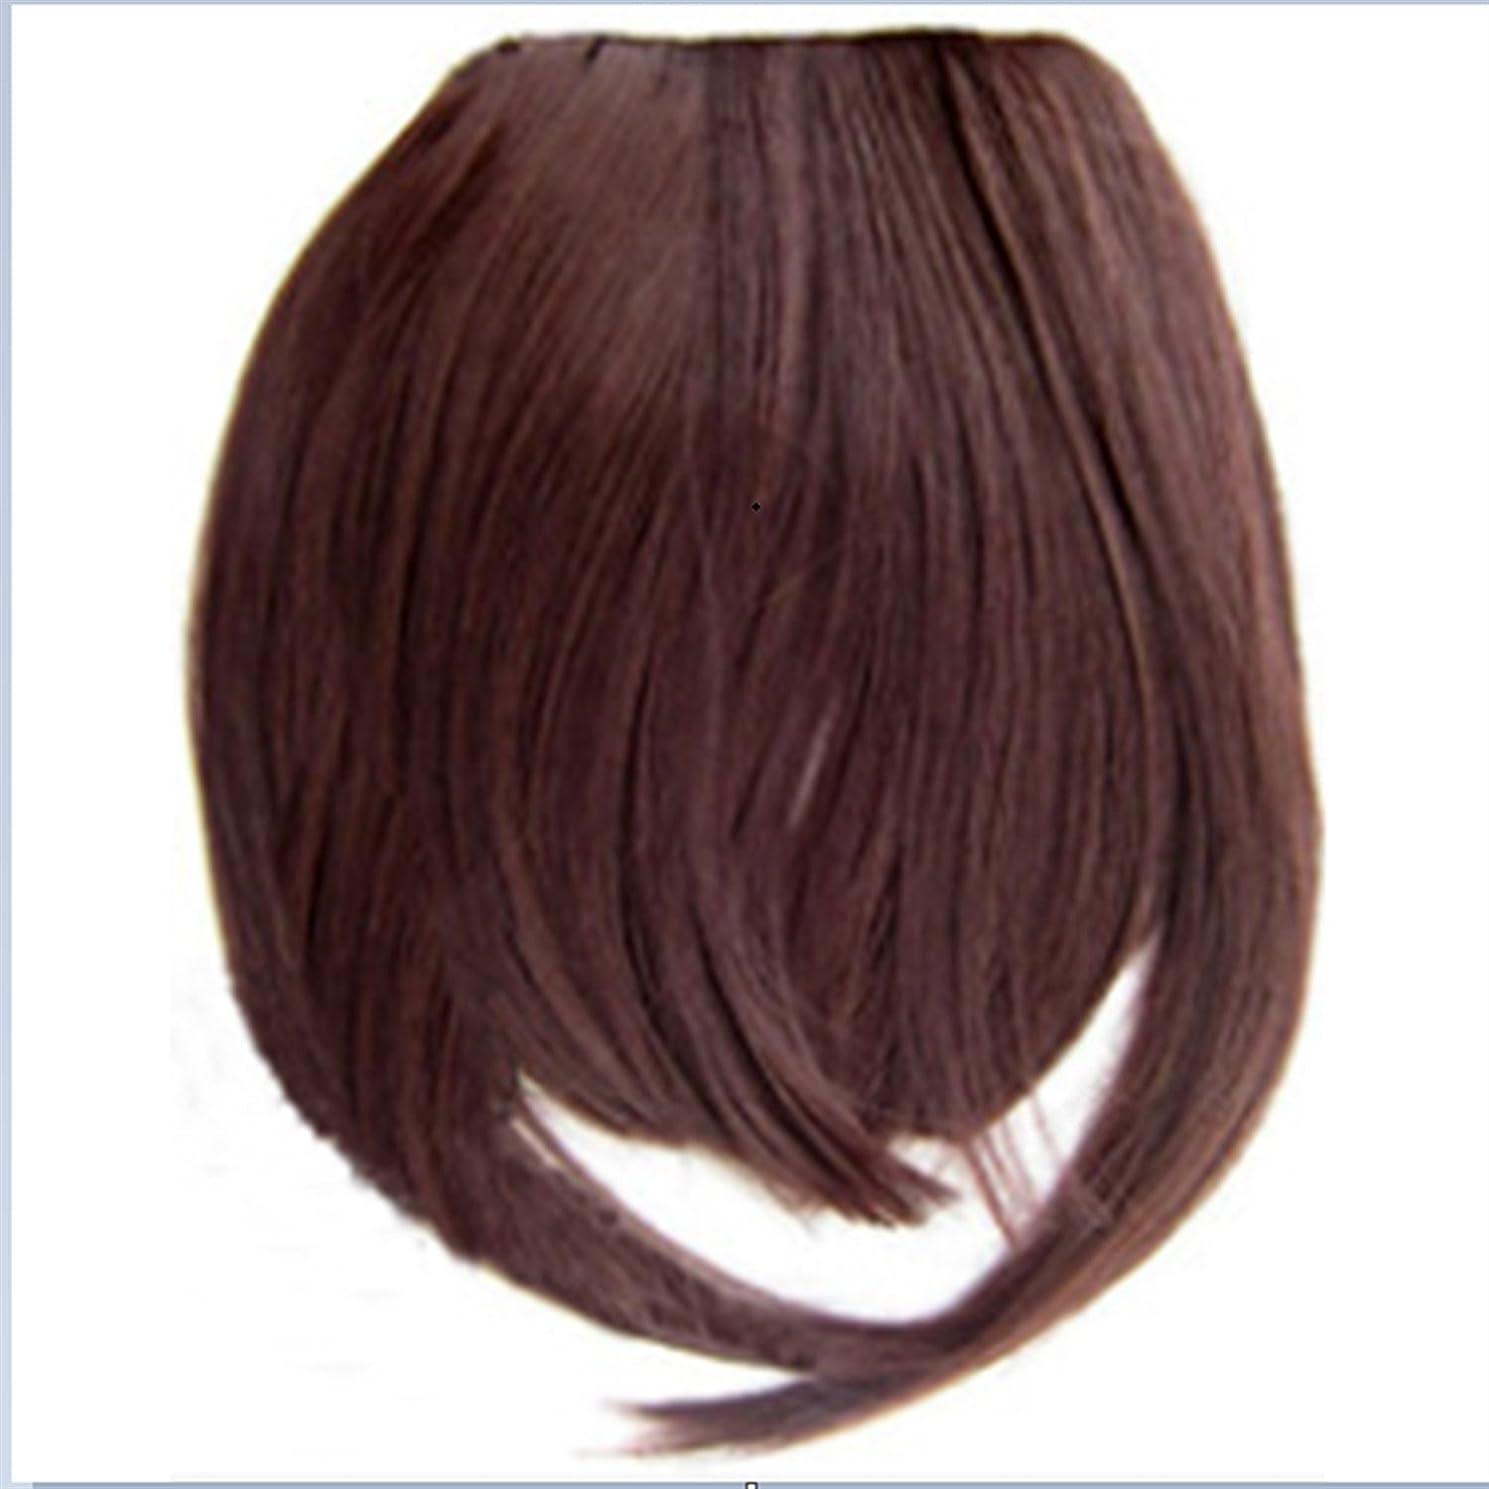 履歴書糞反逆者Doyvanntgo 2つの長いとフラットバンウィッグワンピースとストレートウィッグとLiuHaiの髪の延長 (Color : ブラウン)